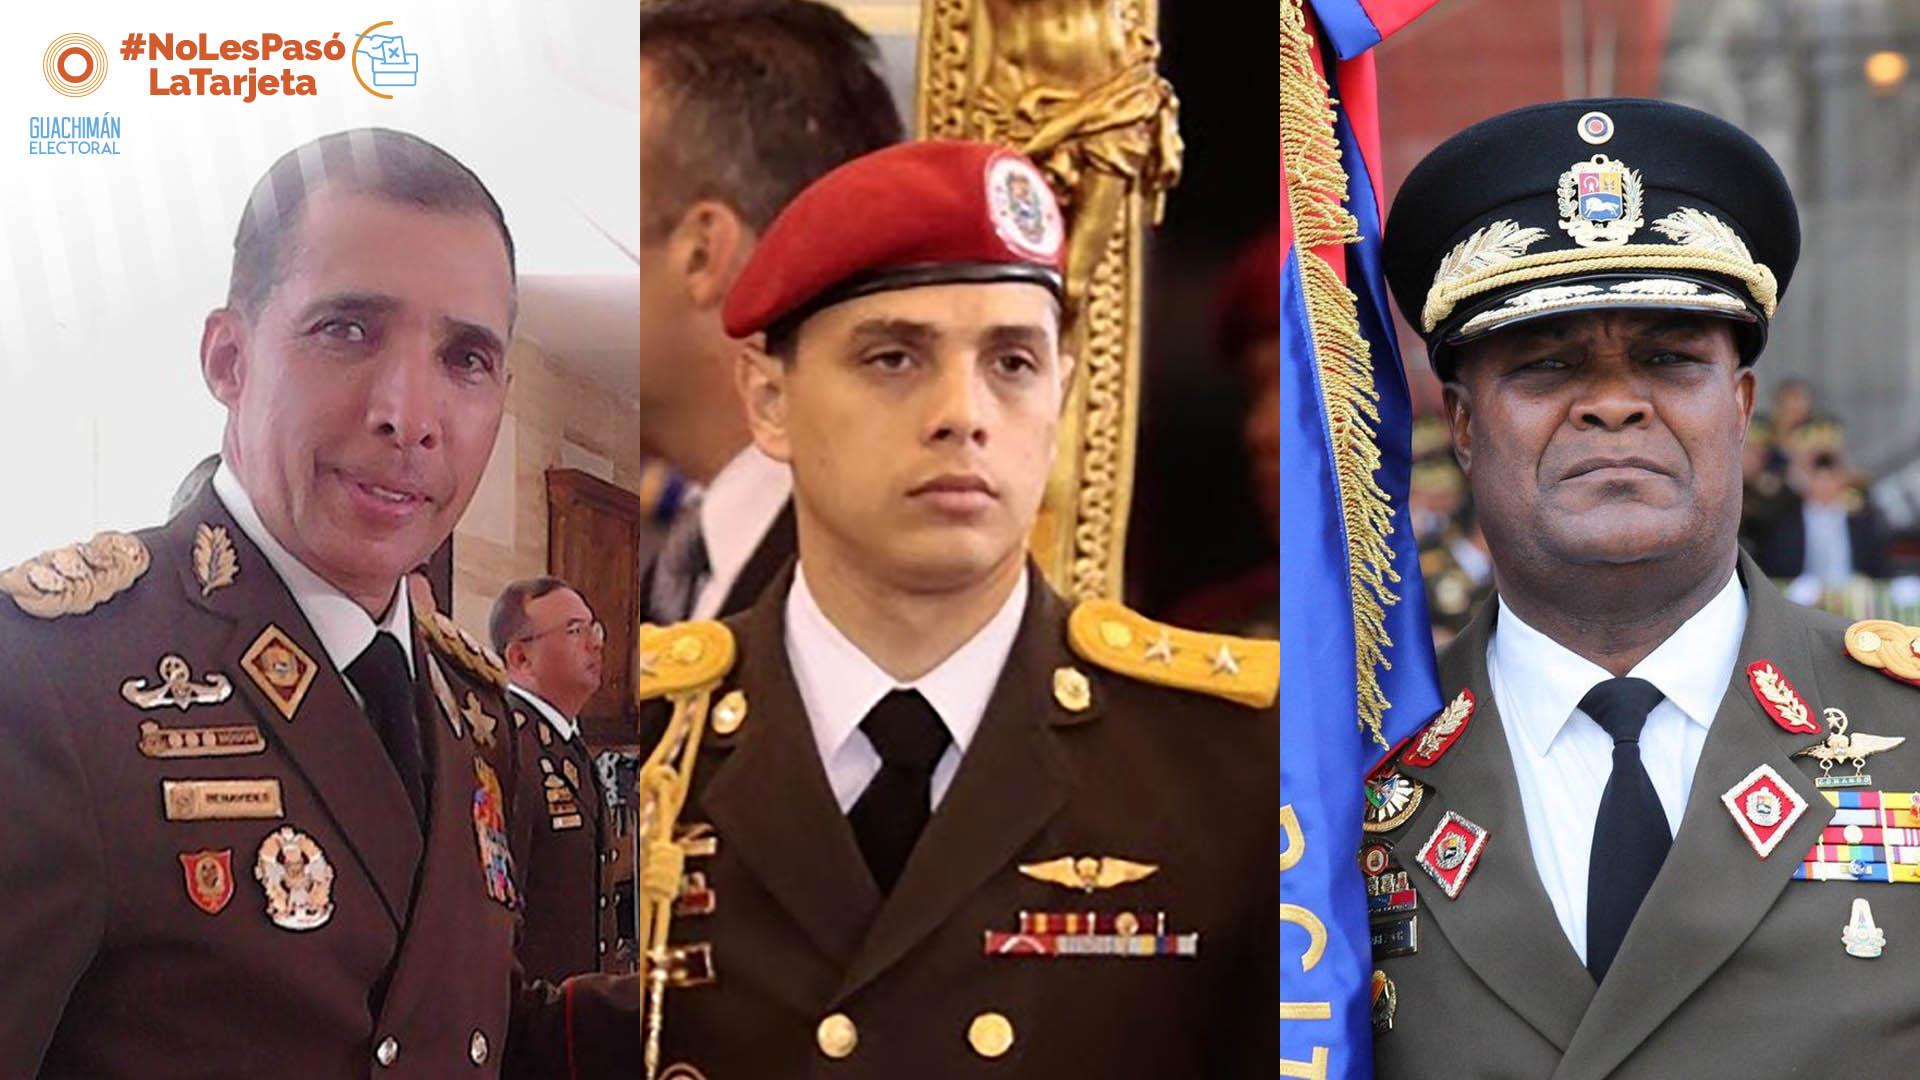 NoLesPasóLaTarjeta | Militares señalados de represores buscan inmunidad